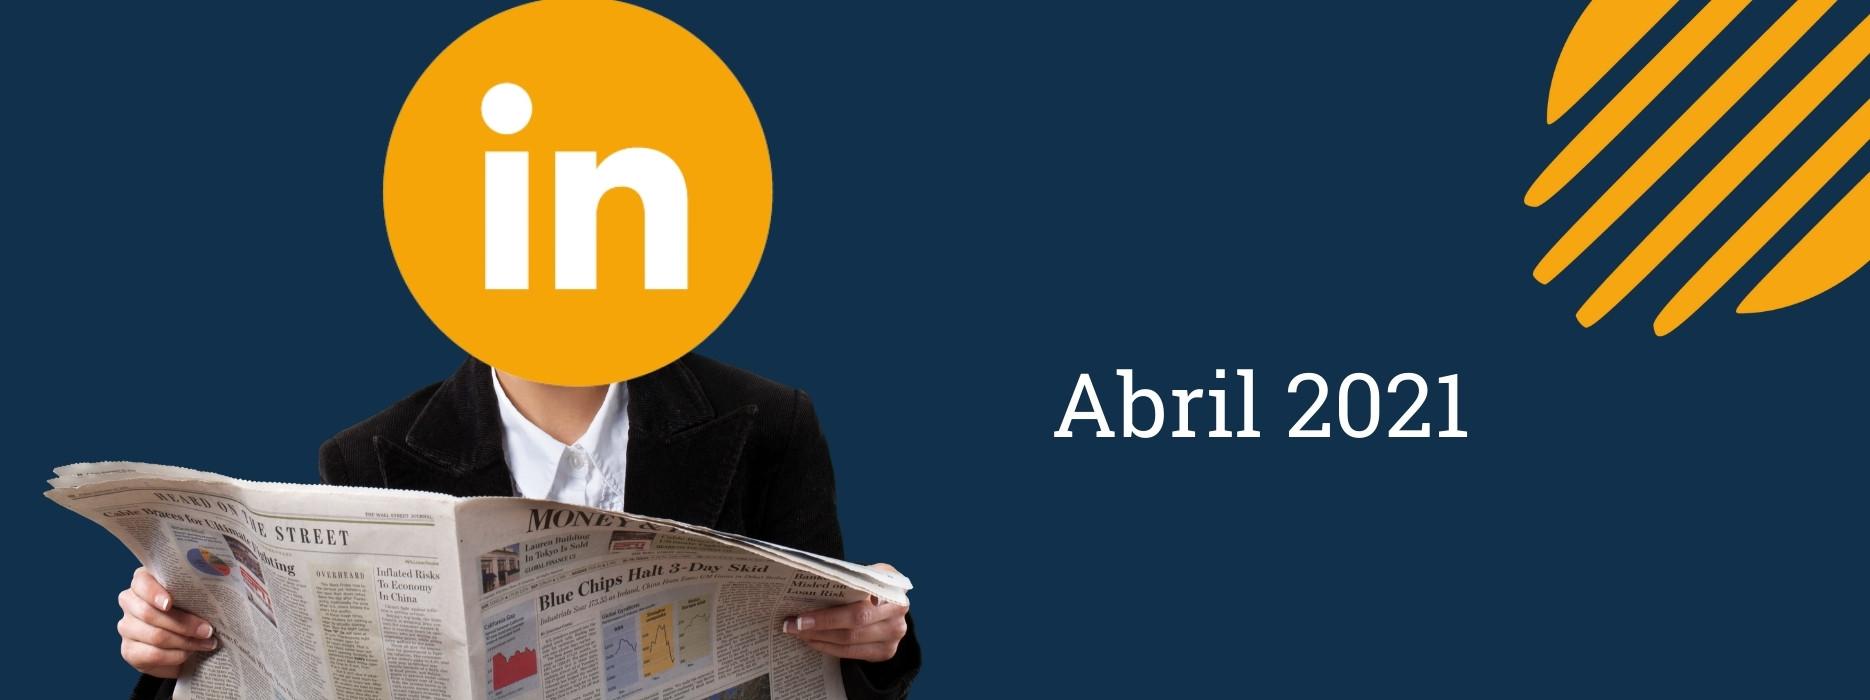 Últimas noticias Abril 2021